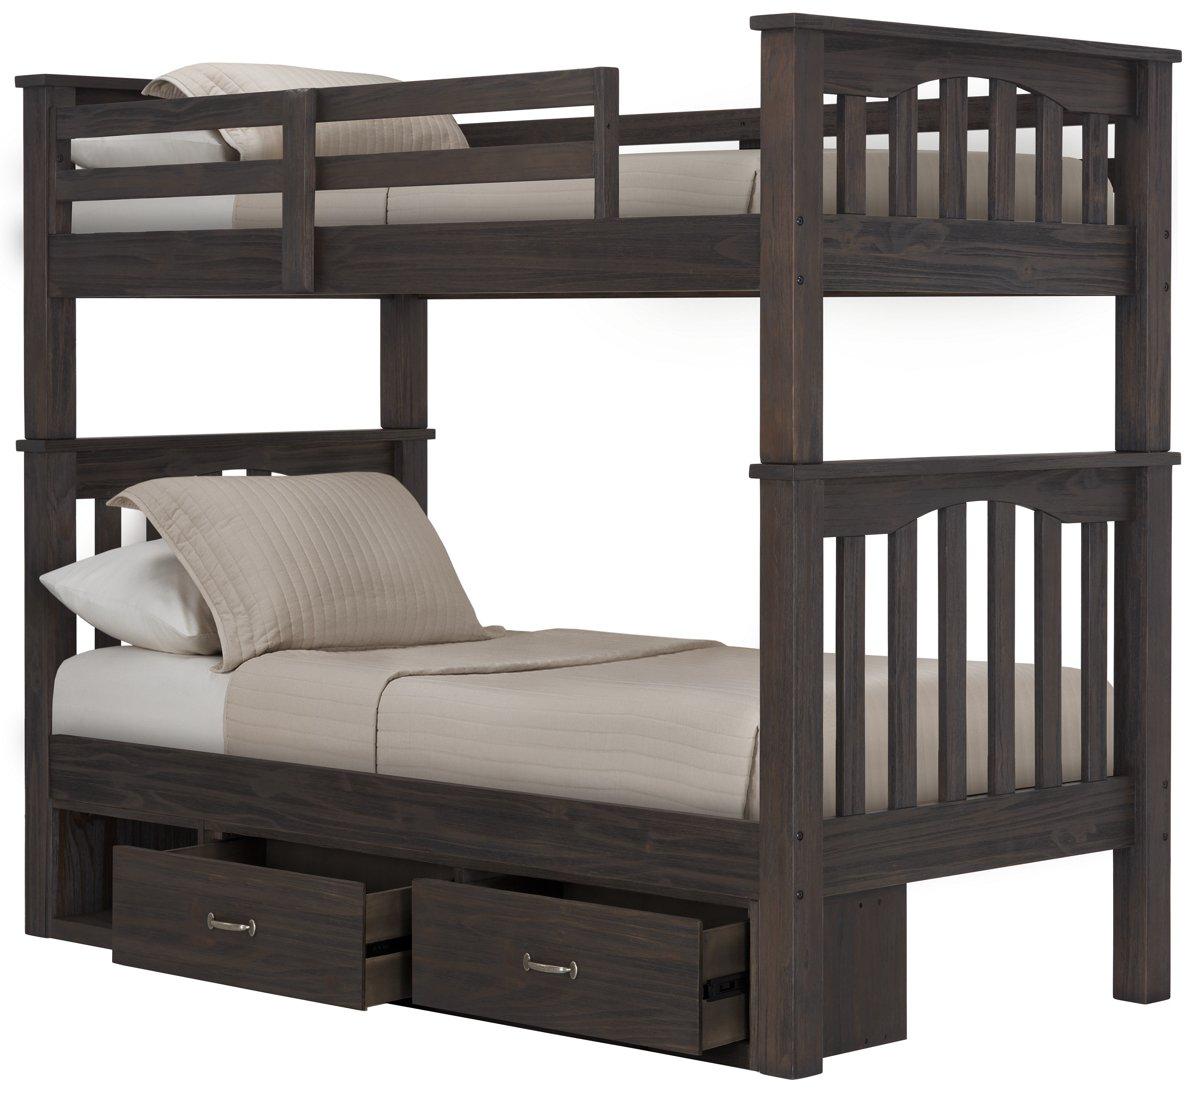 City Furniture Highlands Dark Tone Storage Bunk Bed